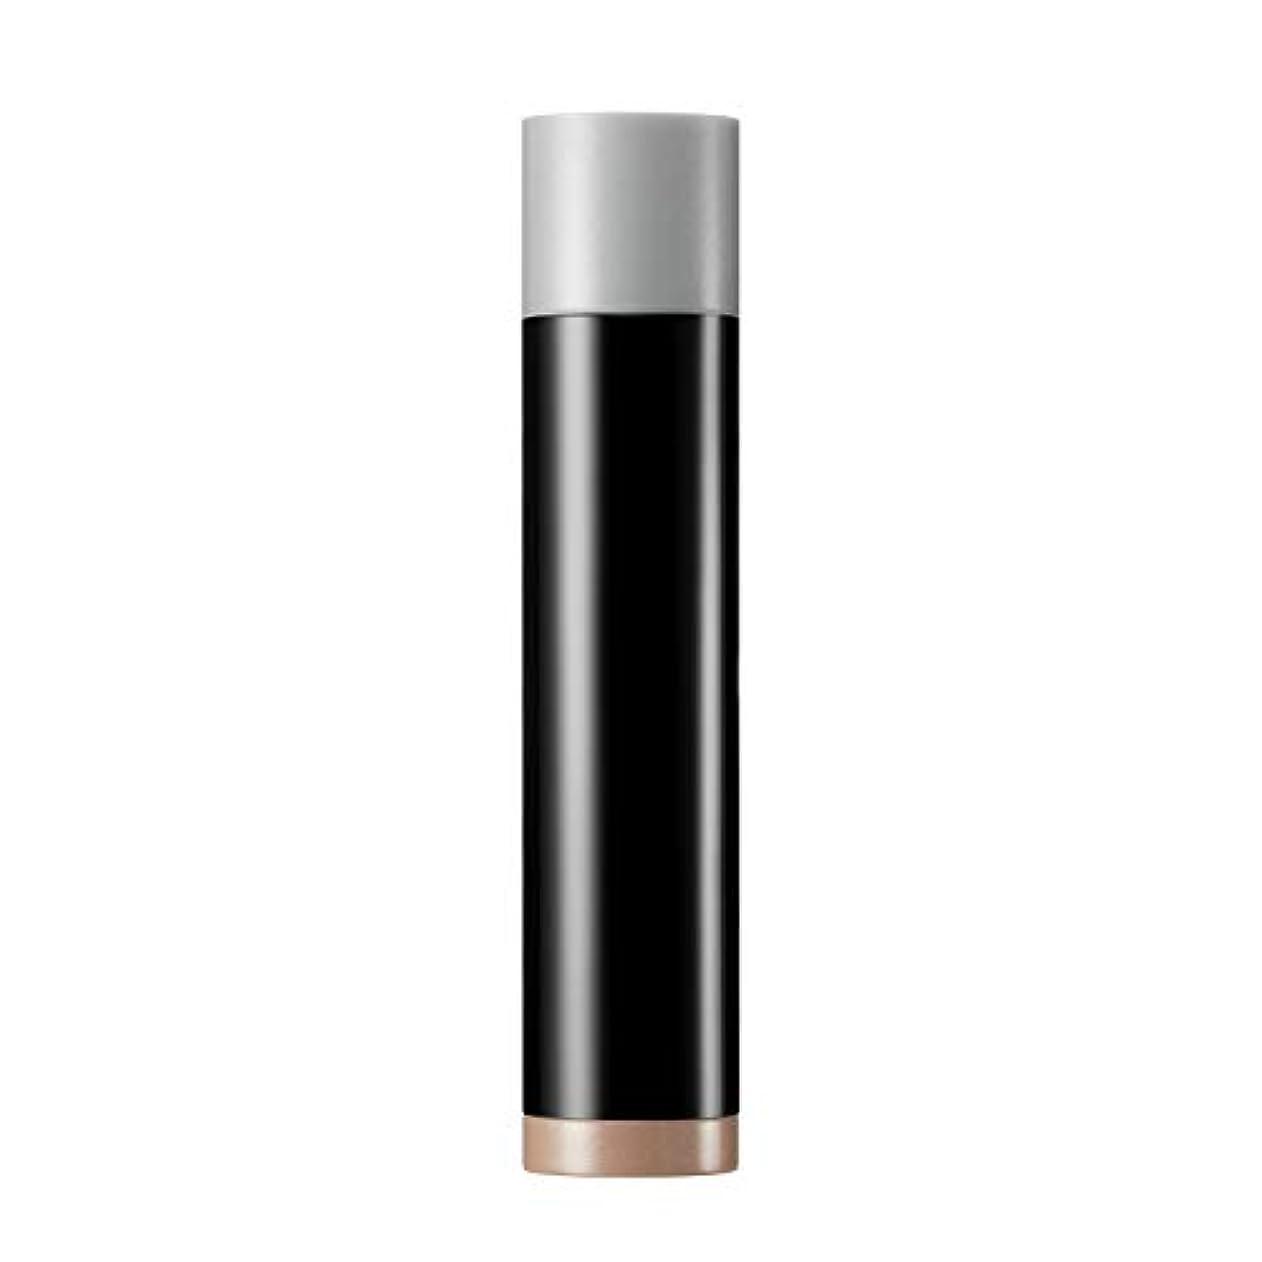 残基モードせせらぎVisee(ヴィセ) ヴィセ リシェ パウダーチップ アイカラー アイシャドウ 無香料 BR-9 シマーブラウン 0.6g